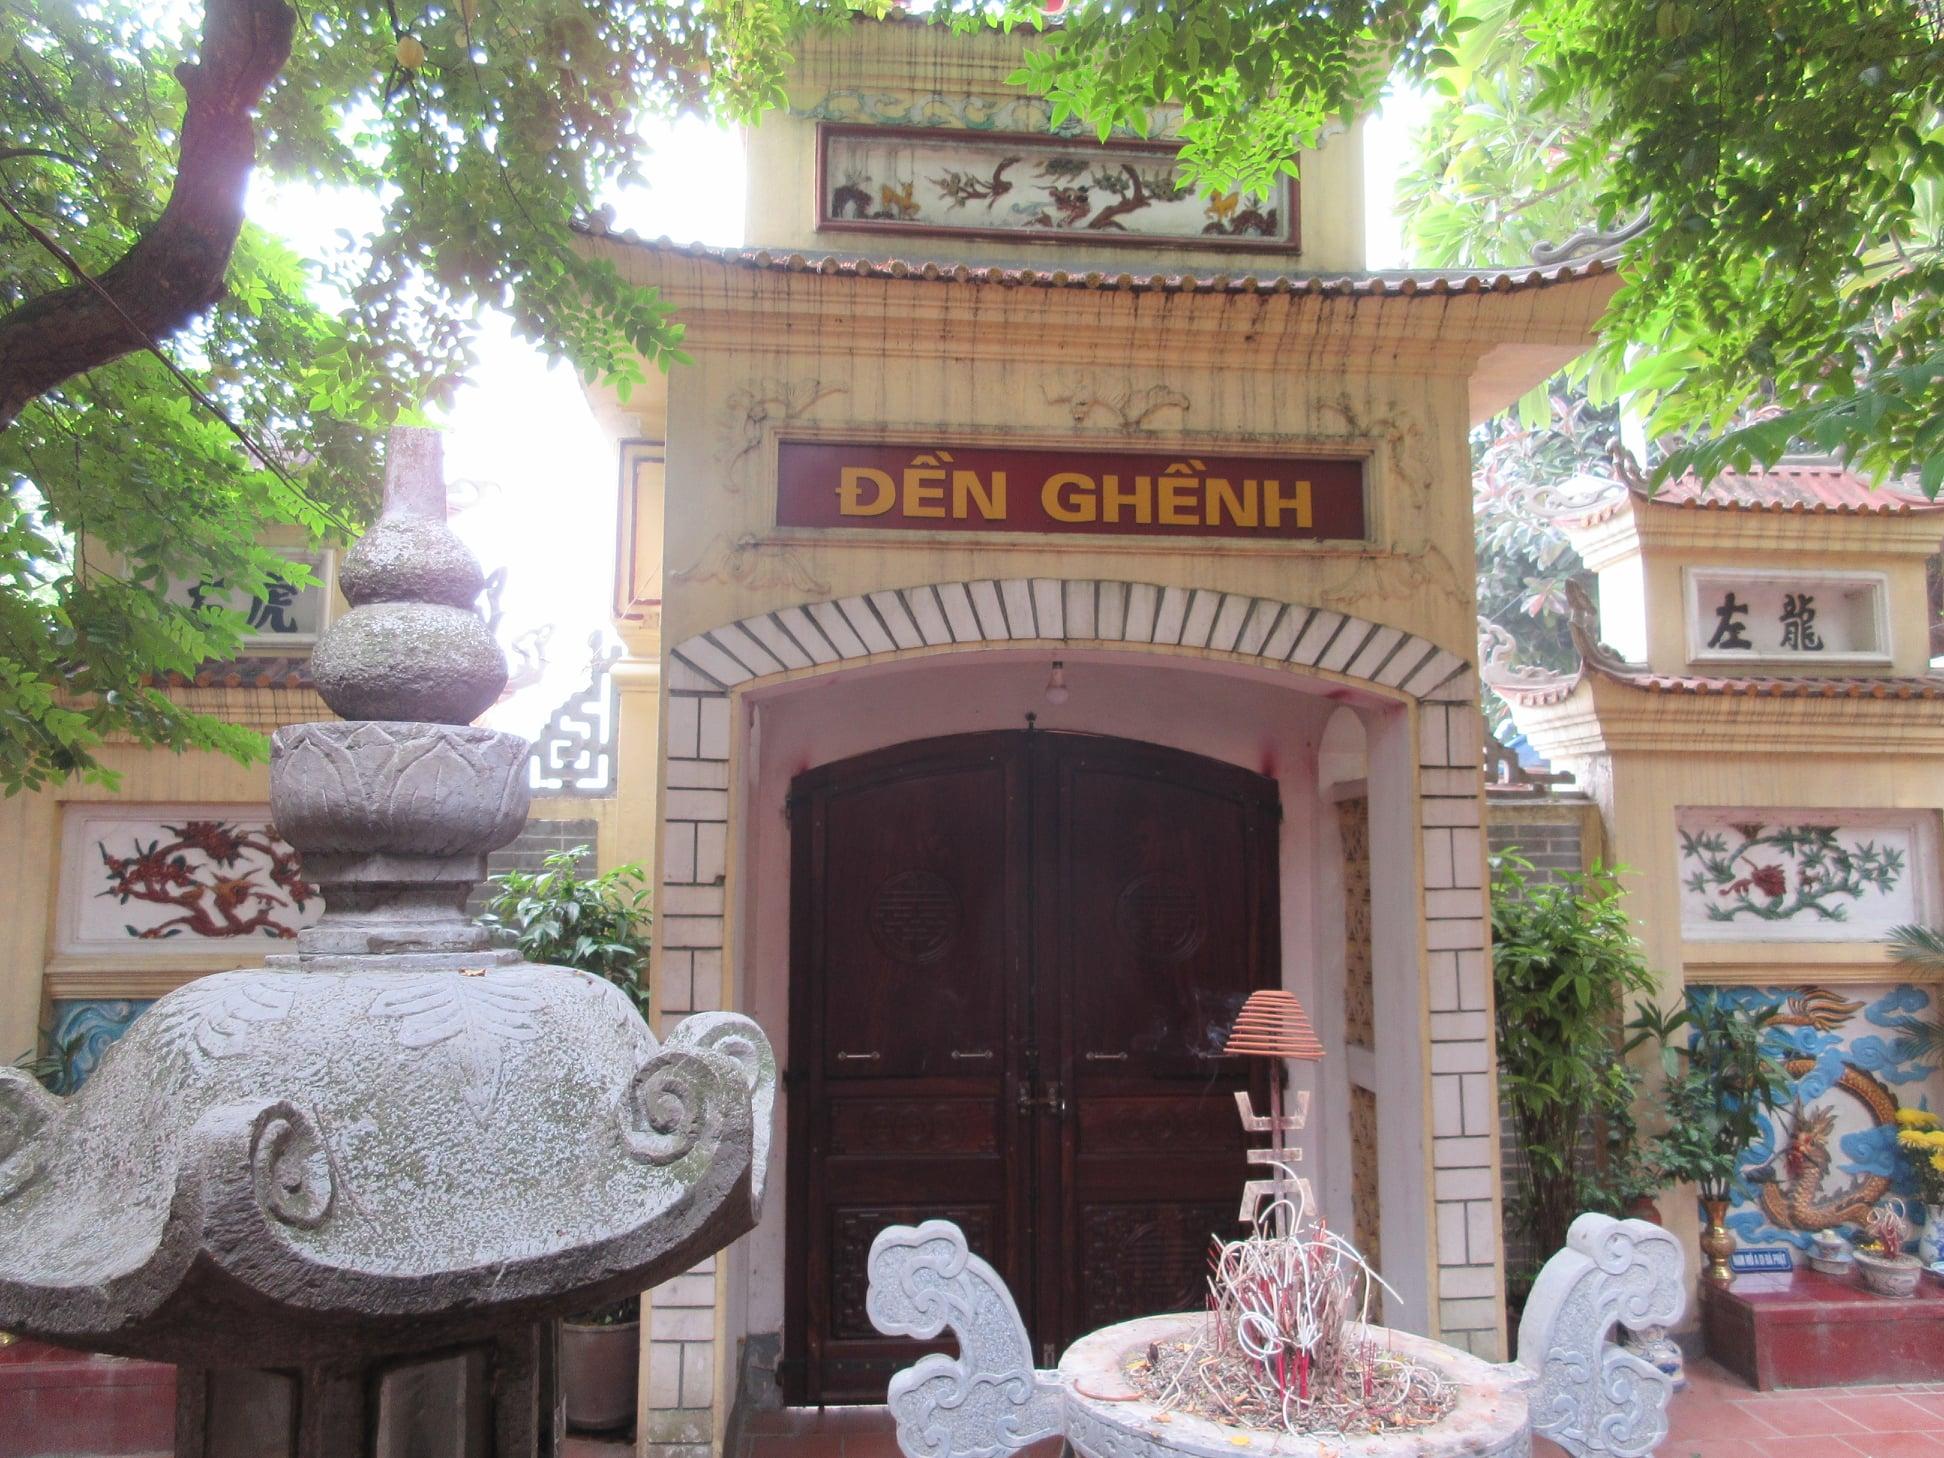 Đền Ghềnh (Long Biên, Hà Nội)